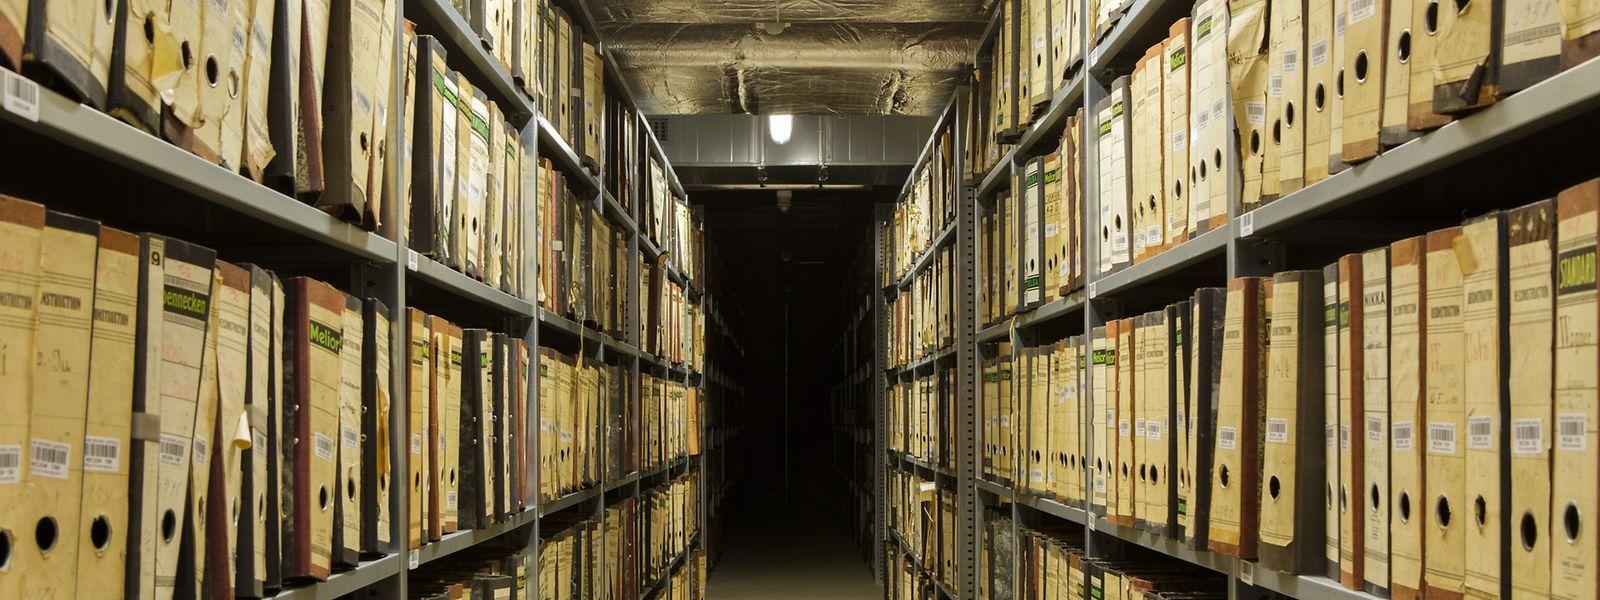 Luxemburg hat viele Akten im Keller, aber kein Archivgesetz. Noch.